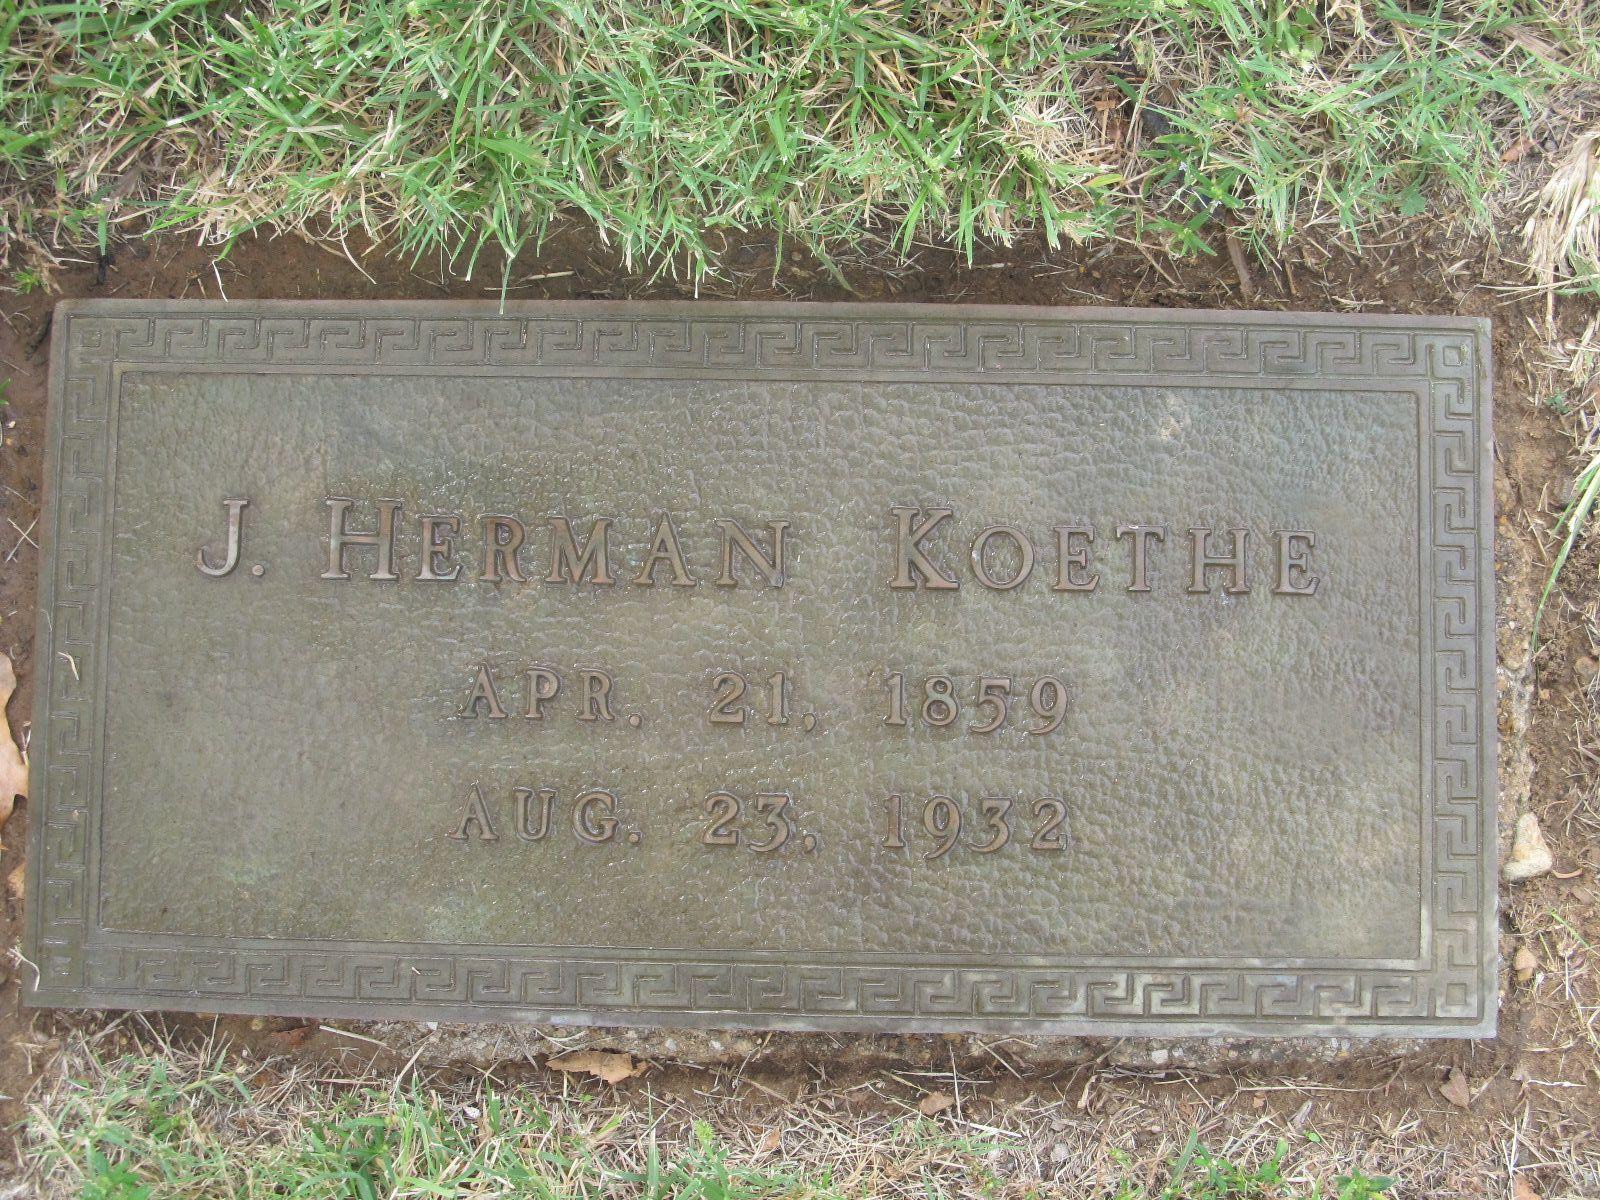 John Hermann Herman Koethe